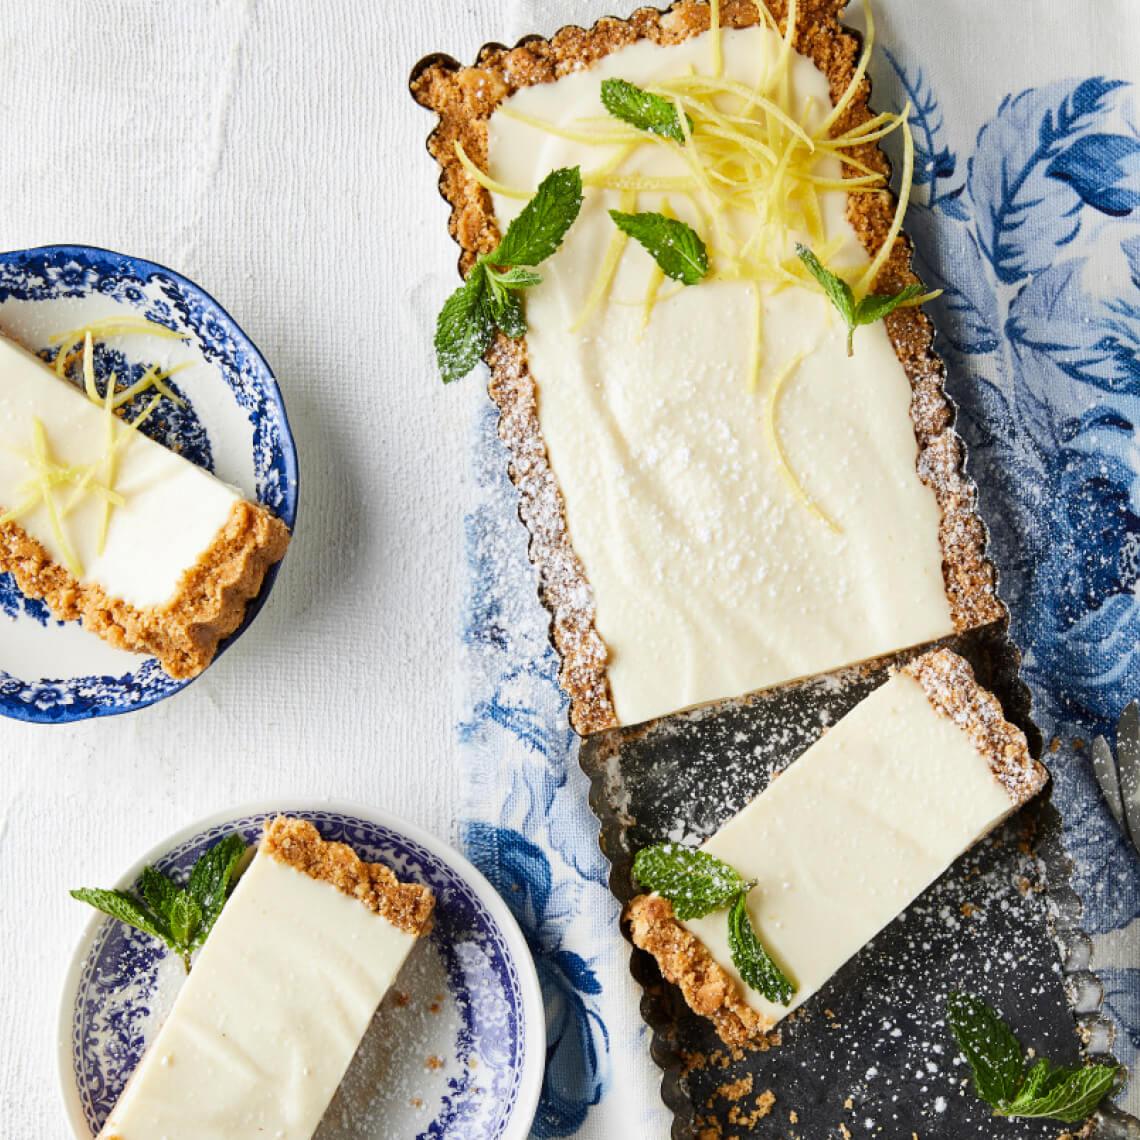 Lemony fridge cheesecake slices